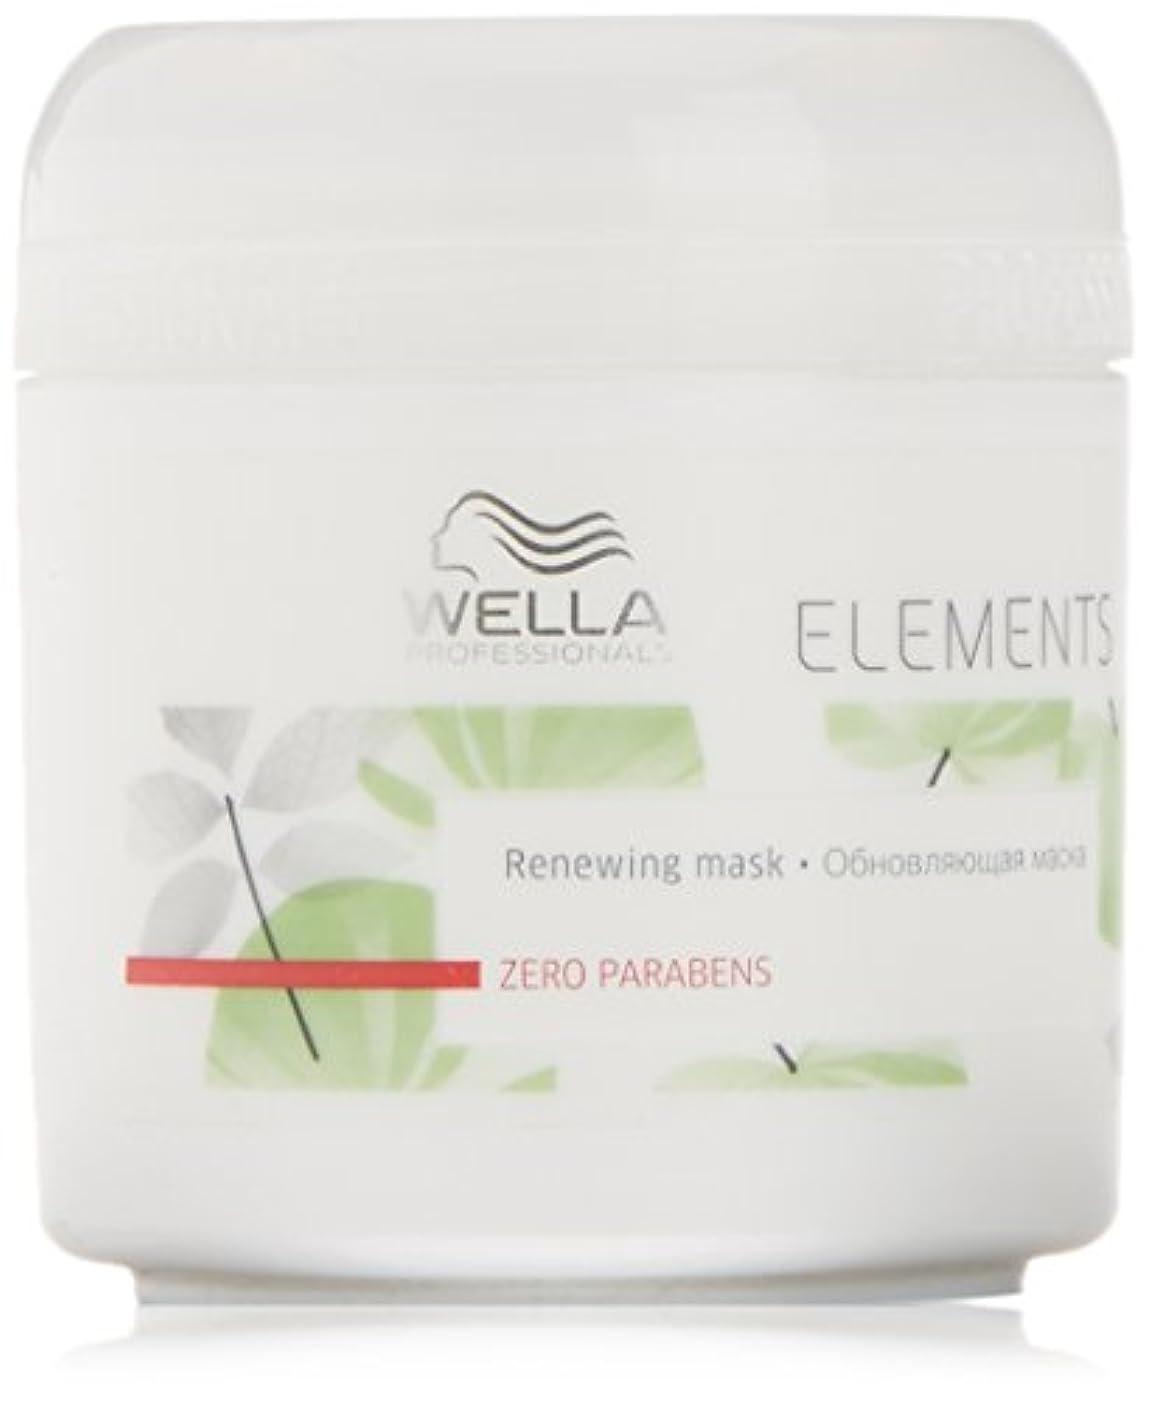 ビンましい代わりにを立てるウエラ(WELLA) エレメンツ マスク 150ml